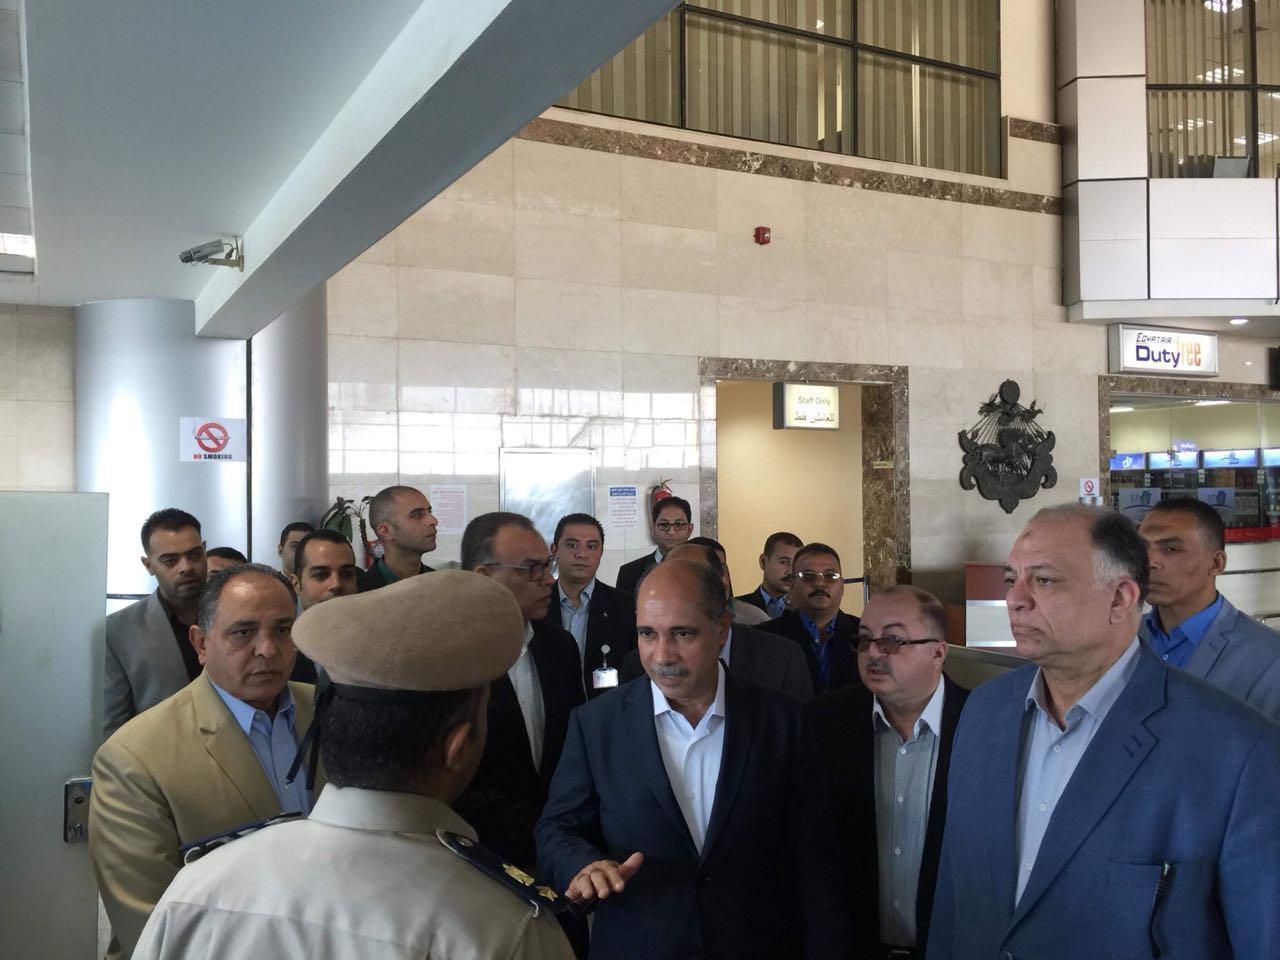 وزير الطيران المدني الفريق يونس المصري يتفقد مطار سوهاج الدولي